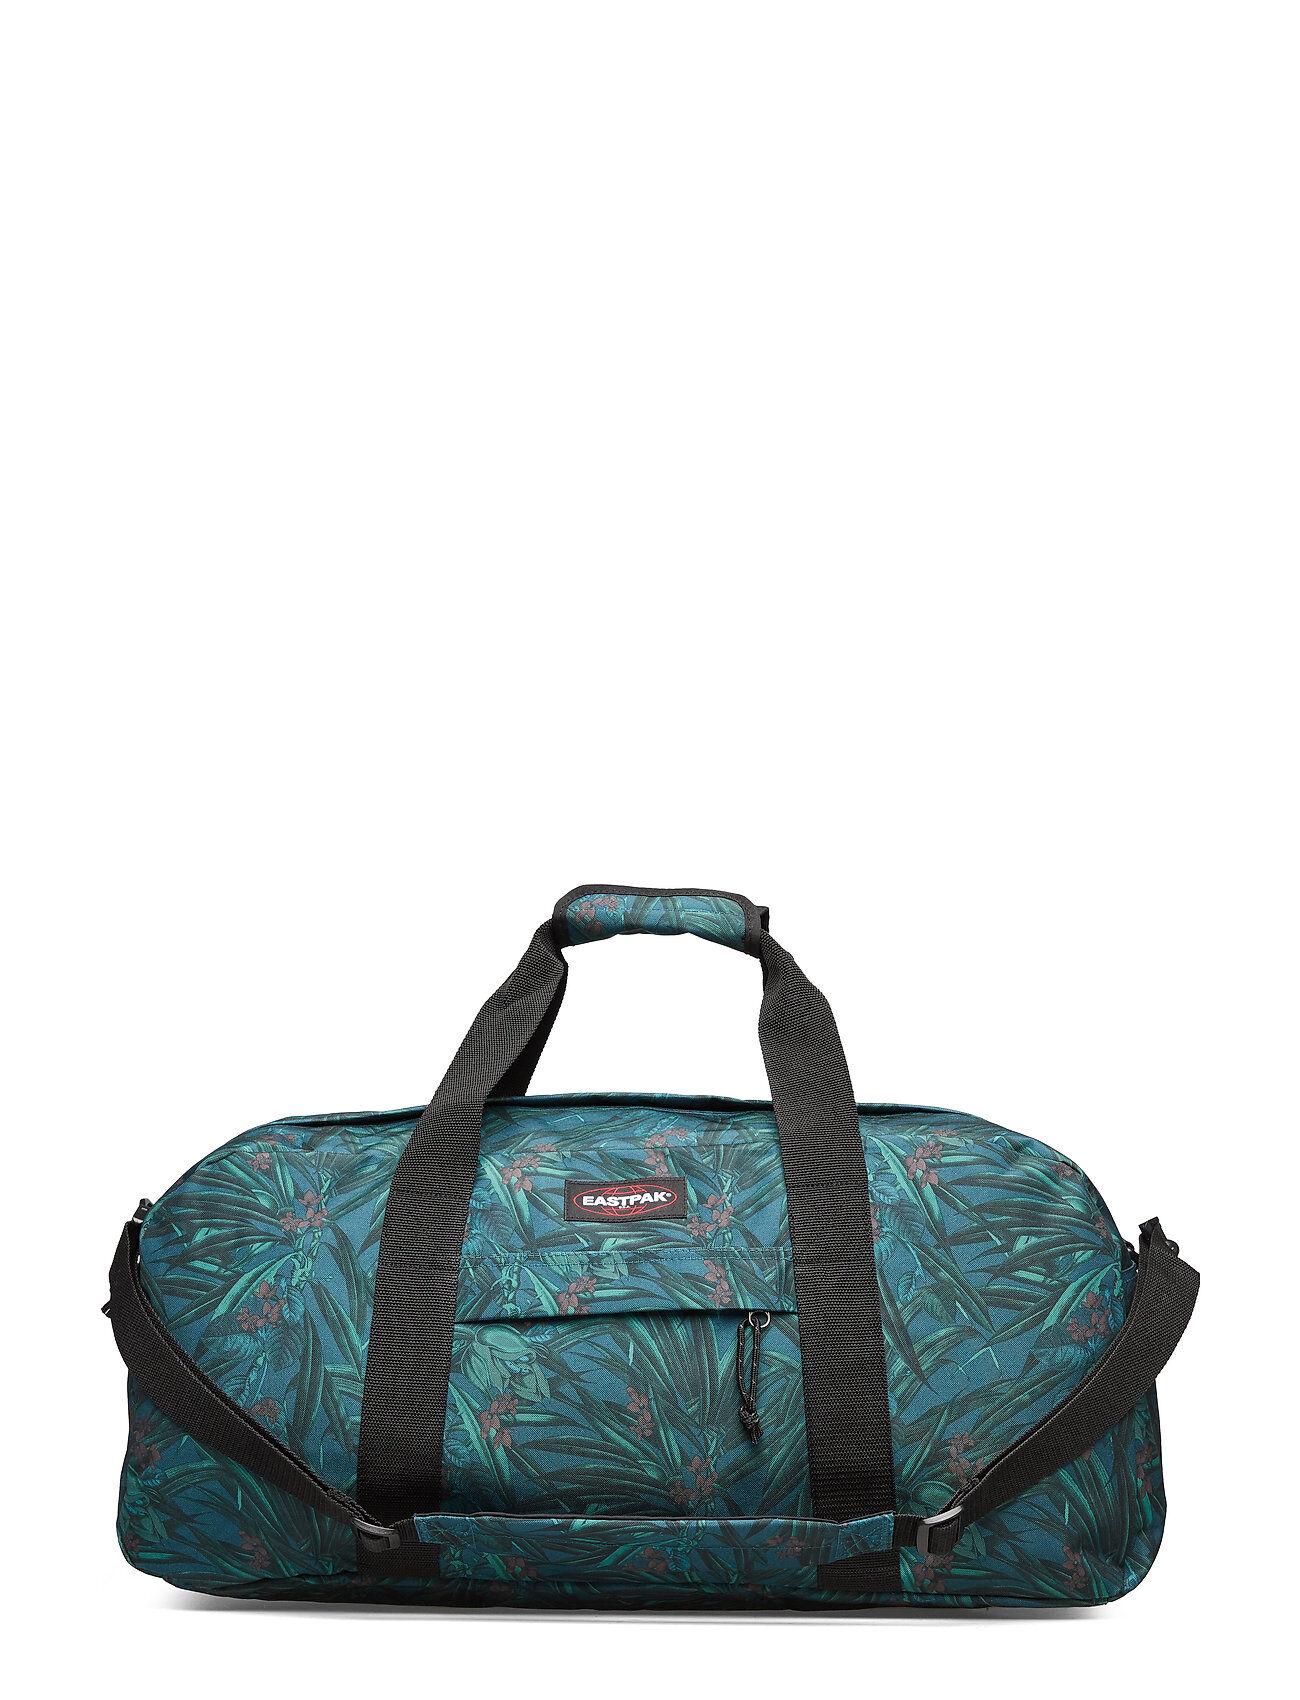 Image of Eastpak Station + Bags Weekend & Gym Bags Vihreä Eastpak